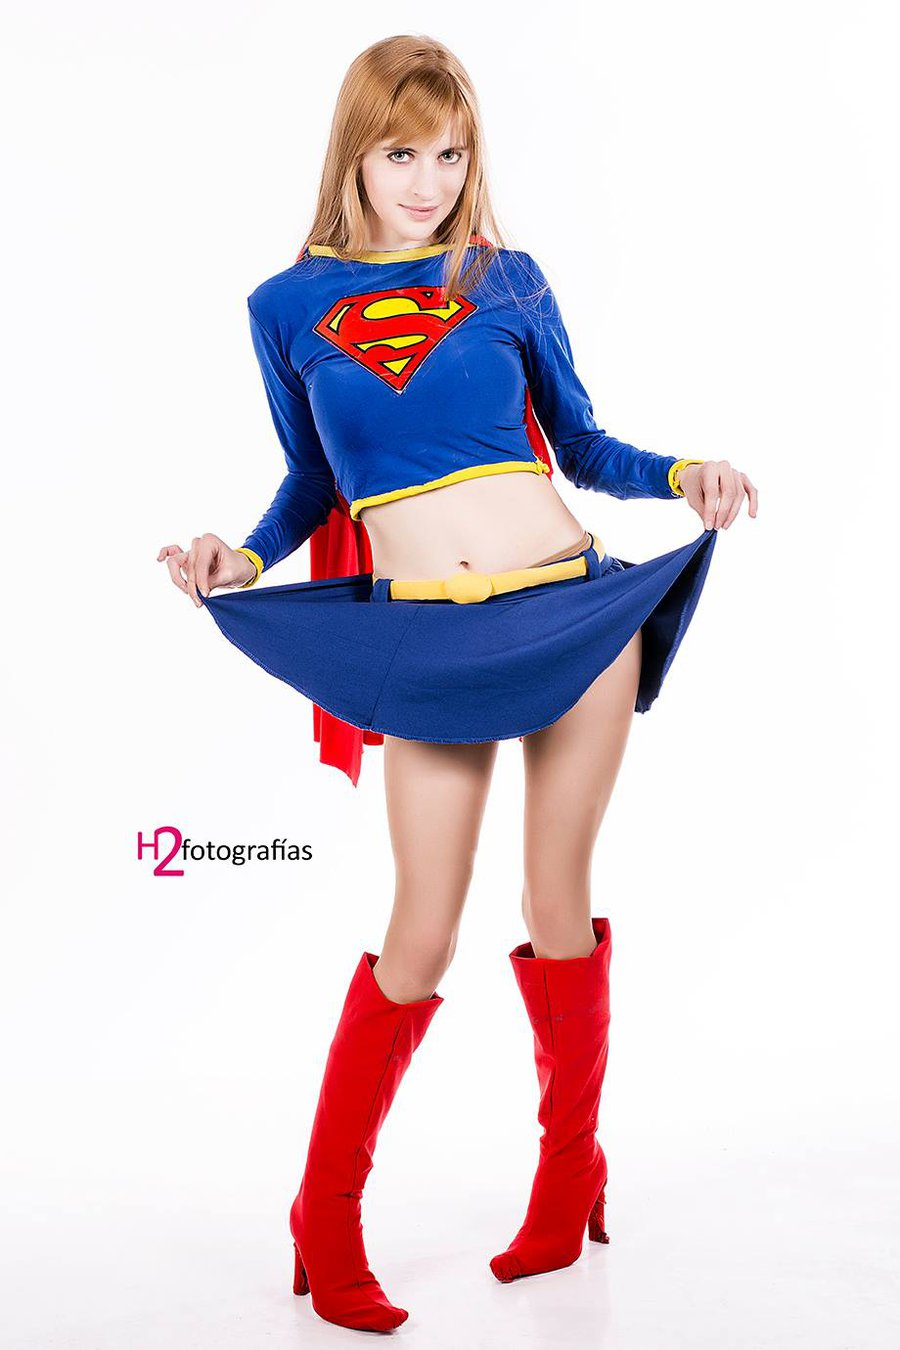 Supergirl-AgosAshford-003.jpg